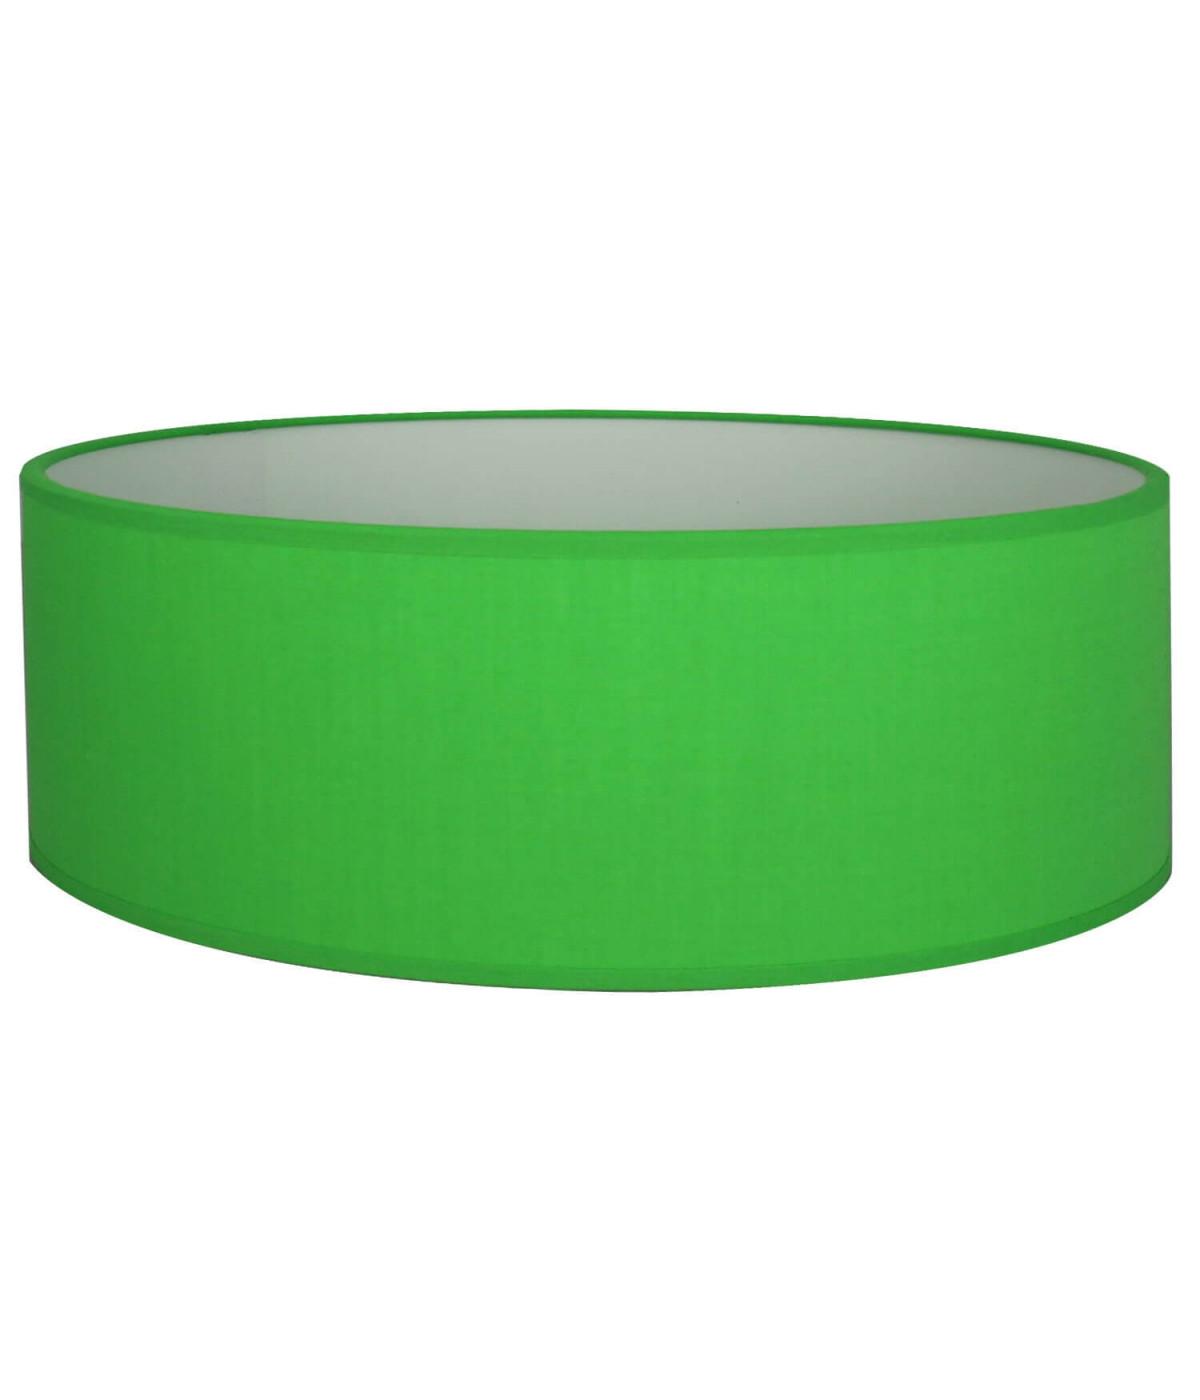 Abat-jour Oval Vert electrique